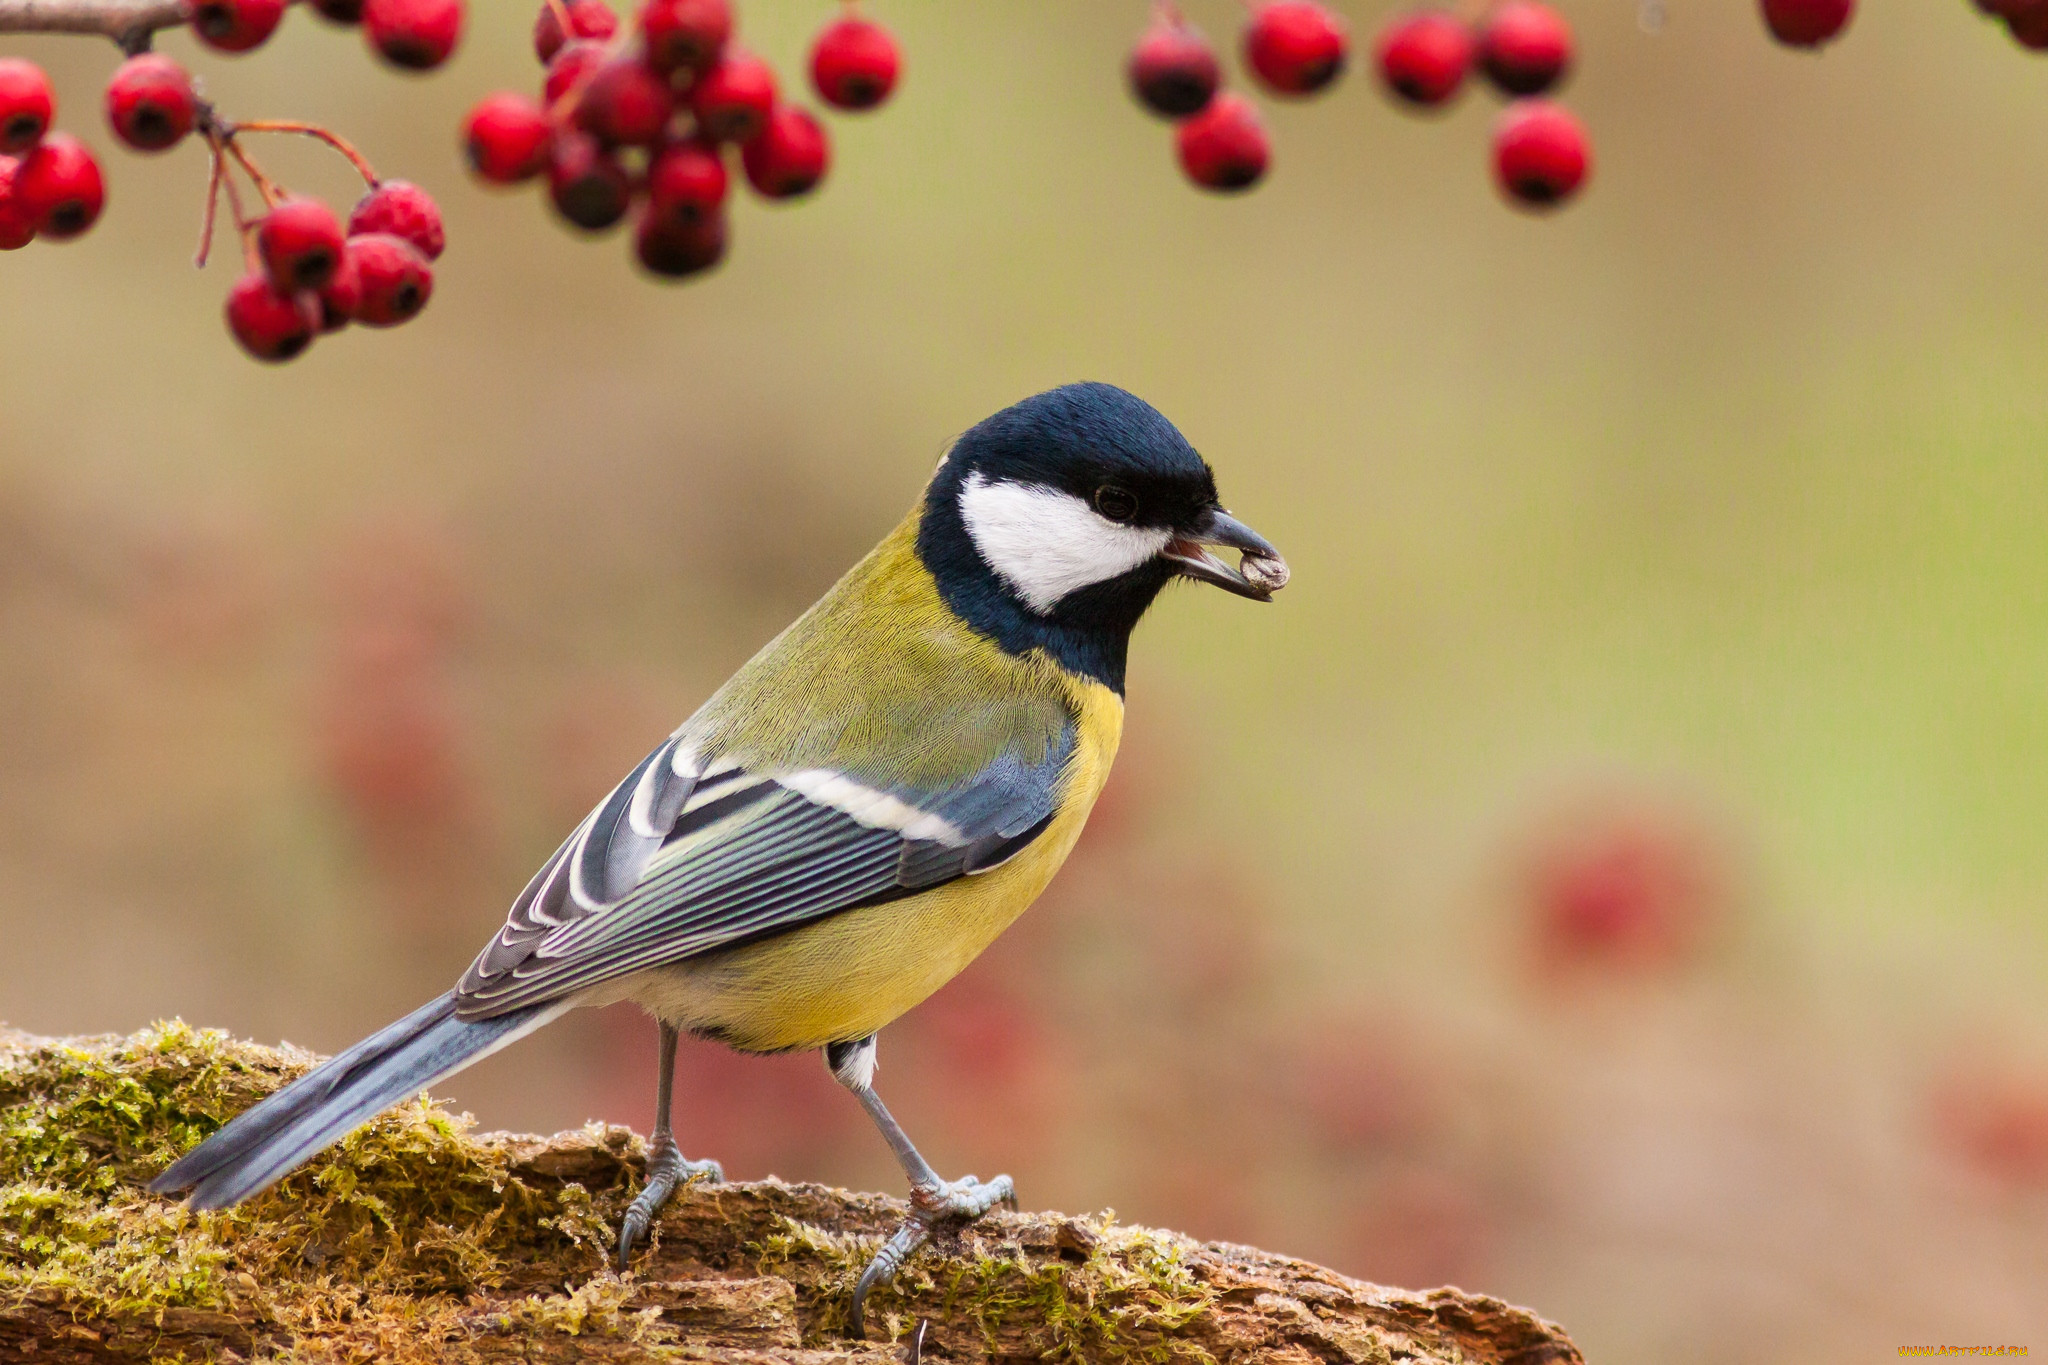 изображение птиц картинки доперестроечные времена сами